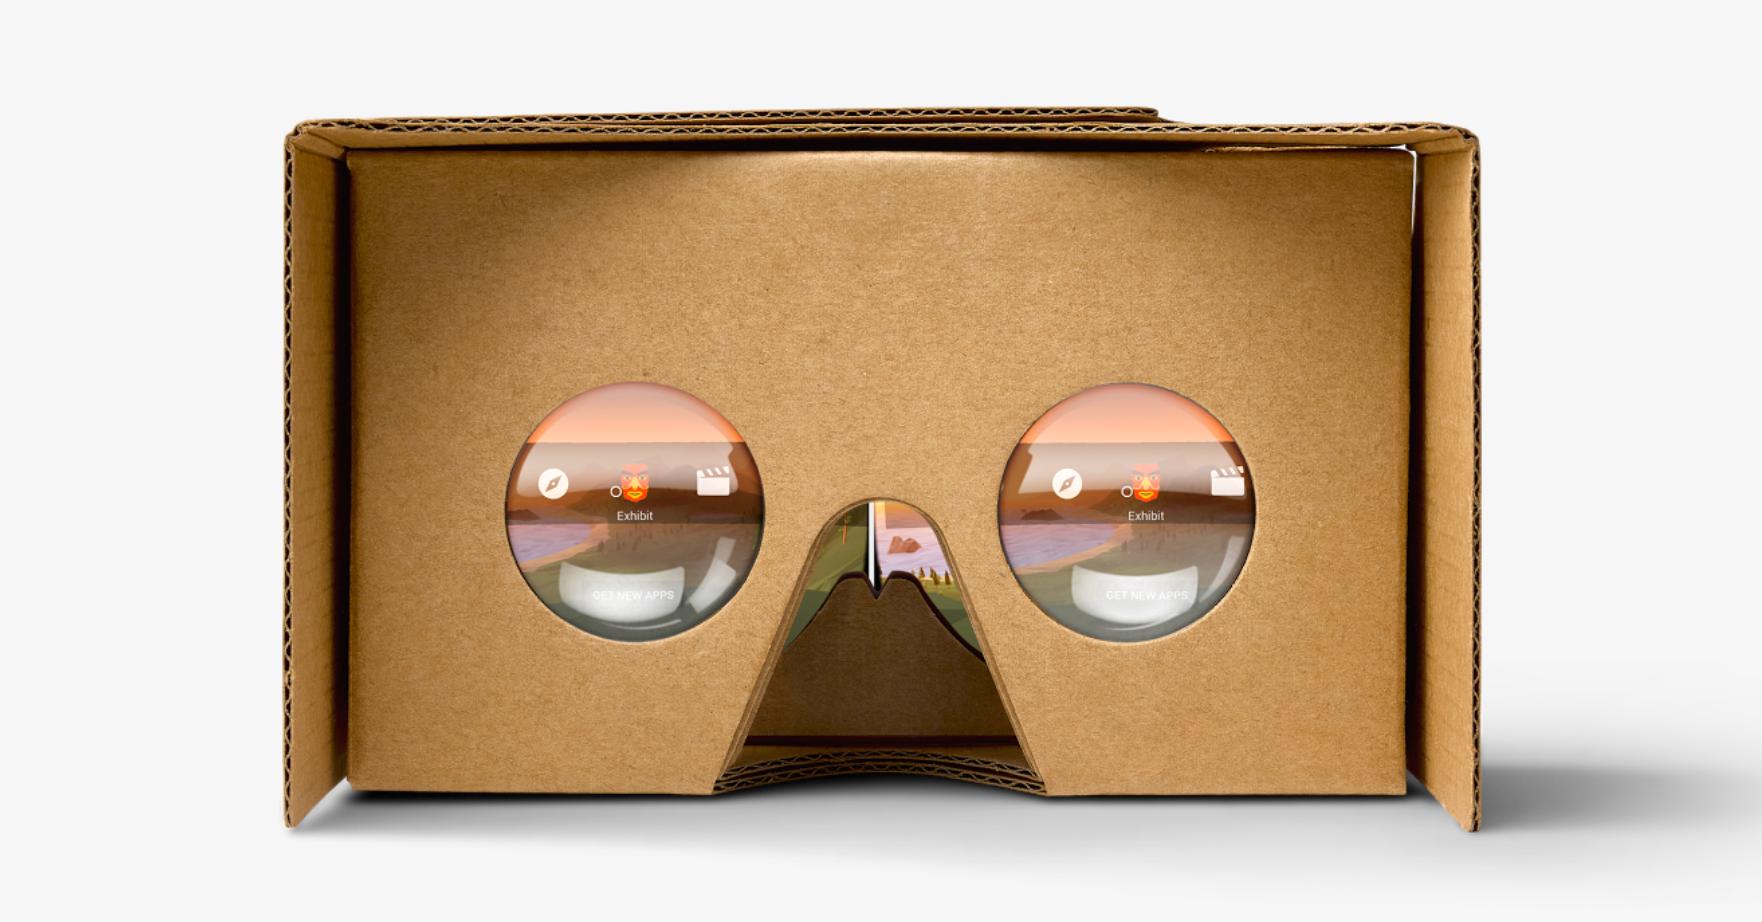 おもちゃDIY☆Google Cardboard VRスマホ3Dメガネ